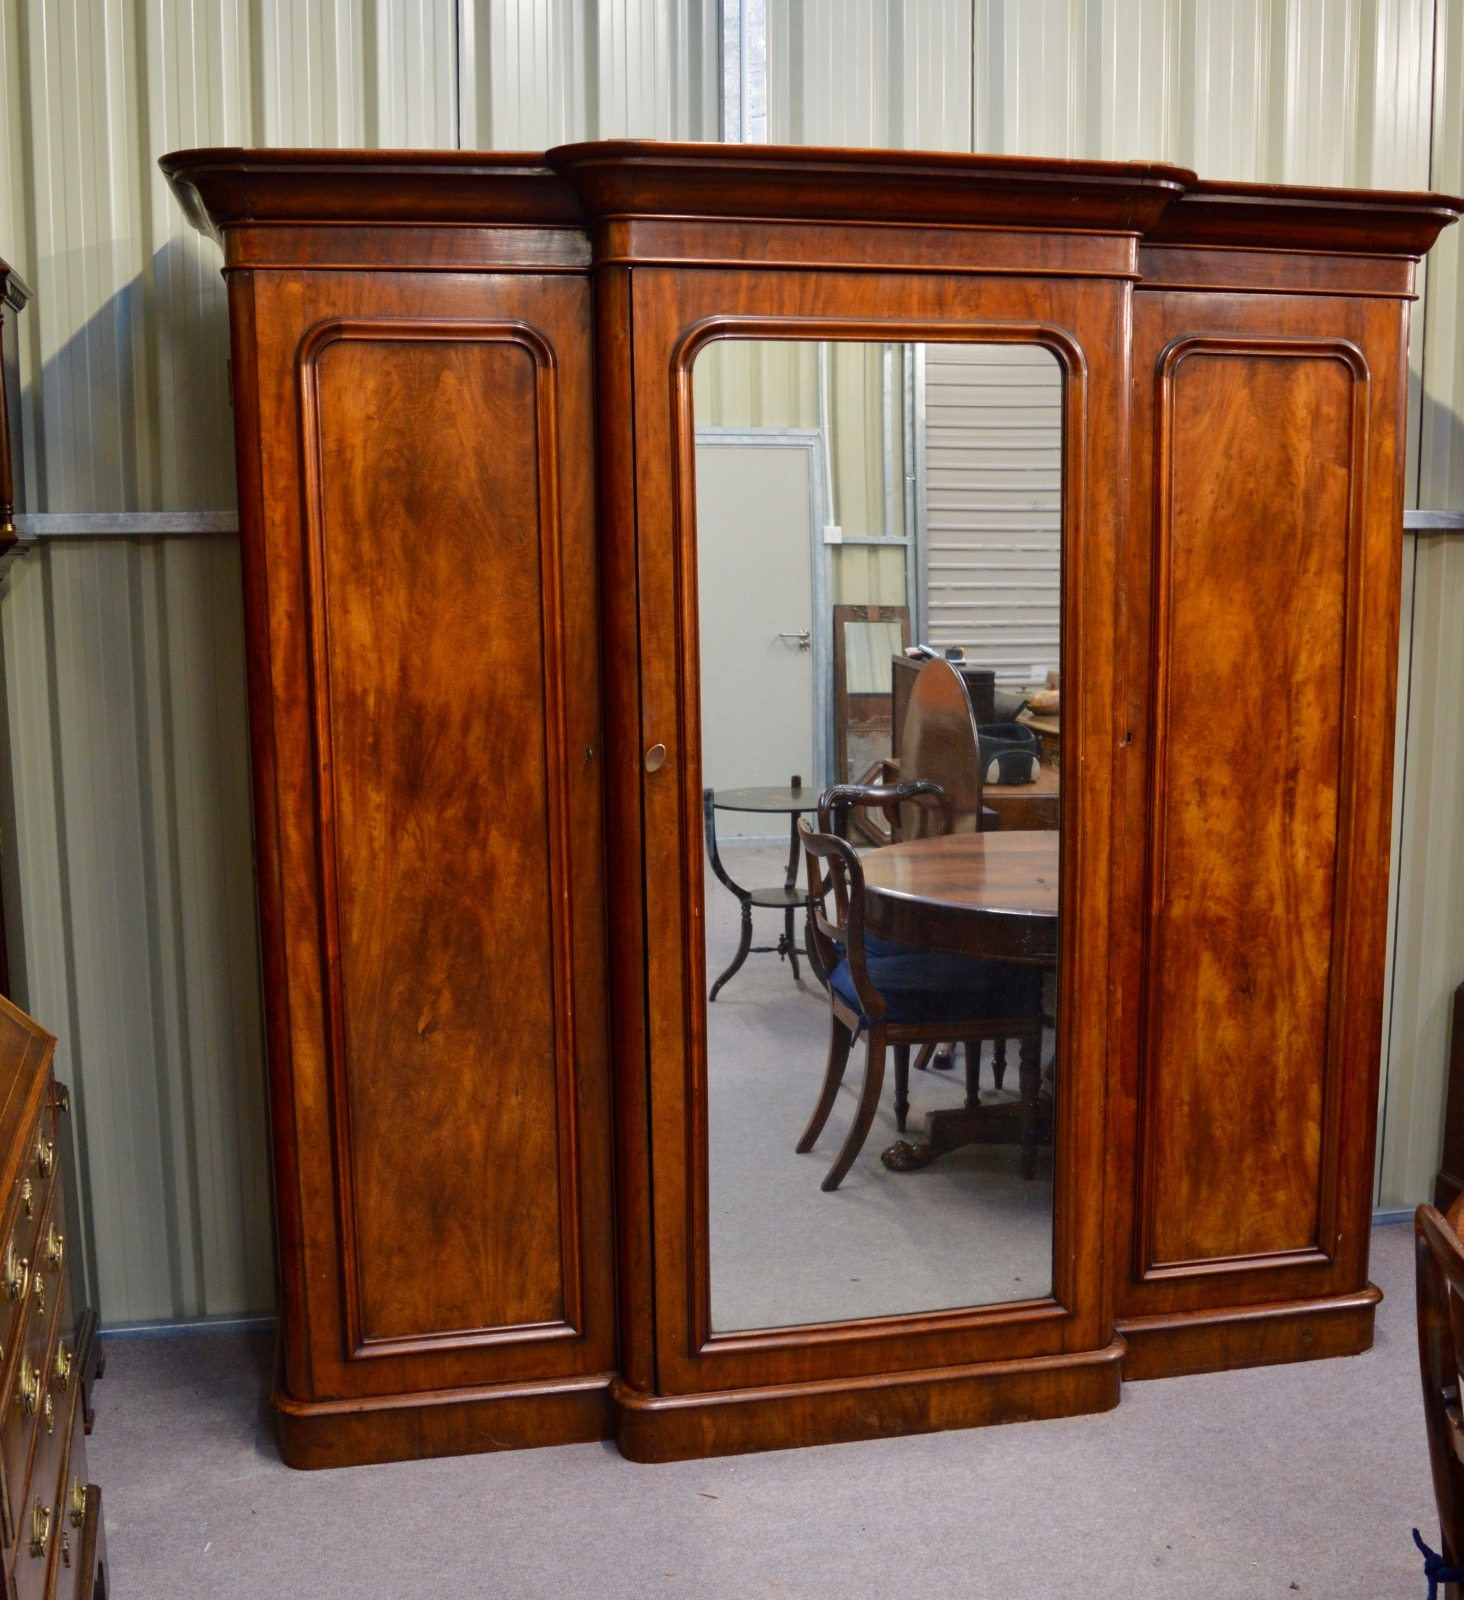 Victorian Mahogany Breakfront Wardrobe Compactum Triple Wardrobe Inside Breakfront Wardrobe (Image 12 of 15)